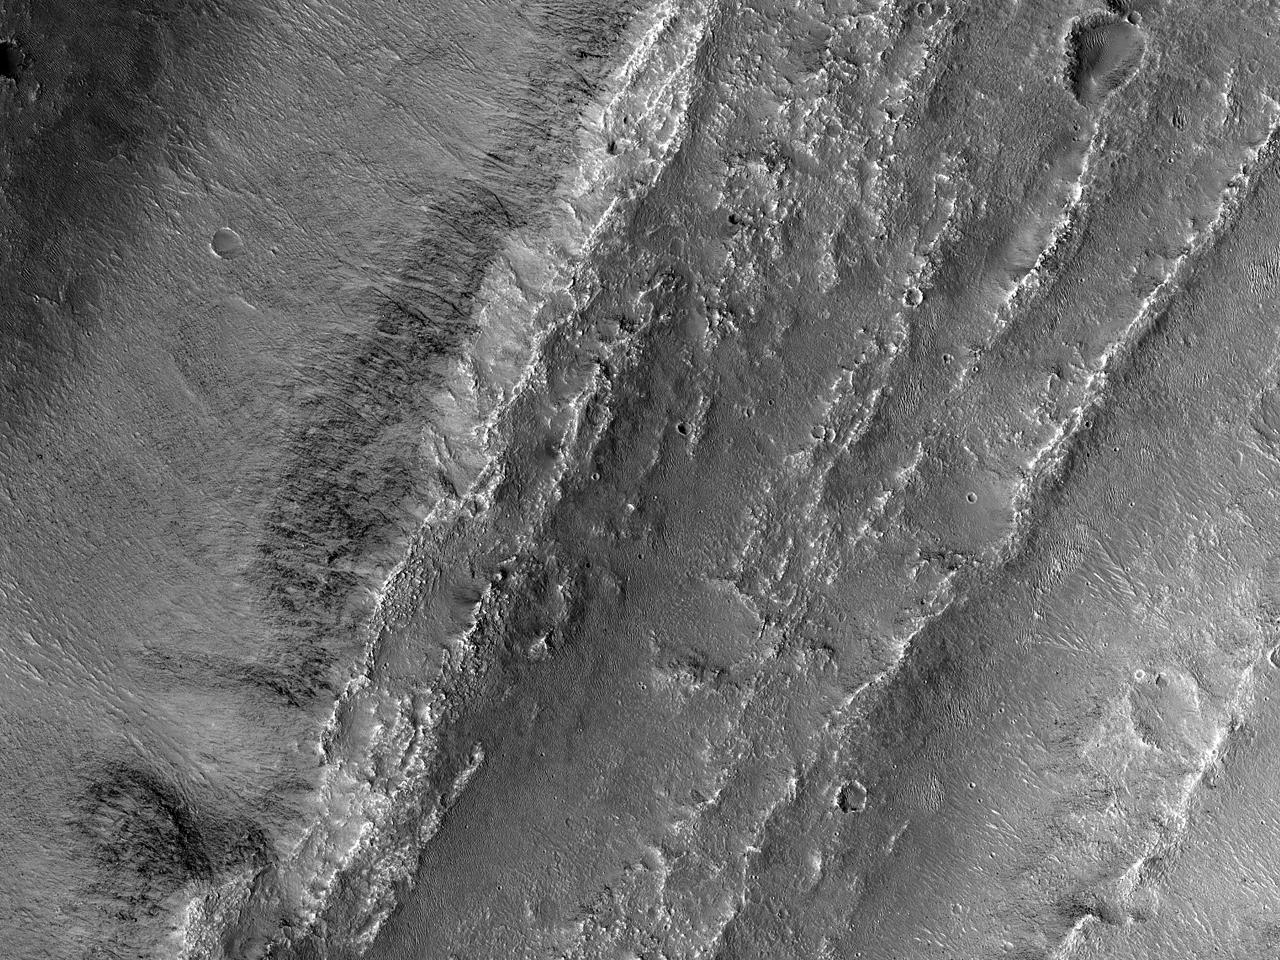 Roci la zi în canionul Eos